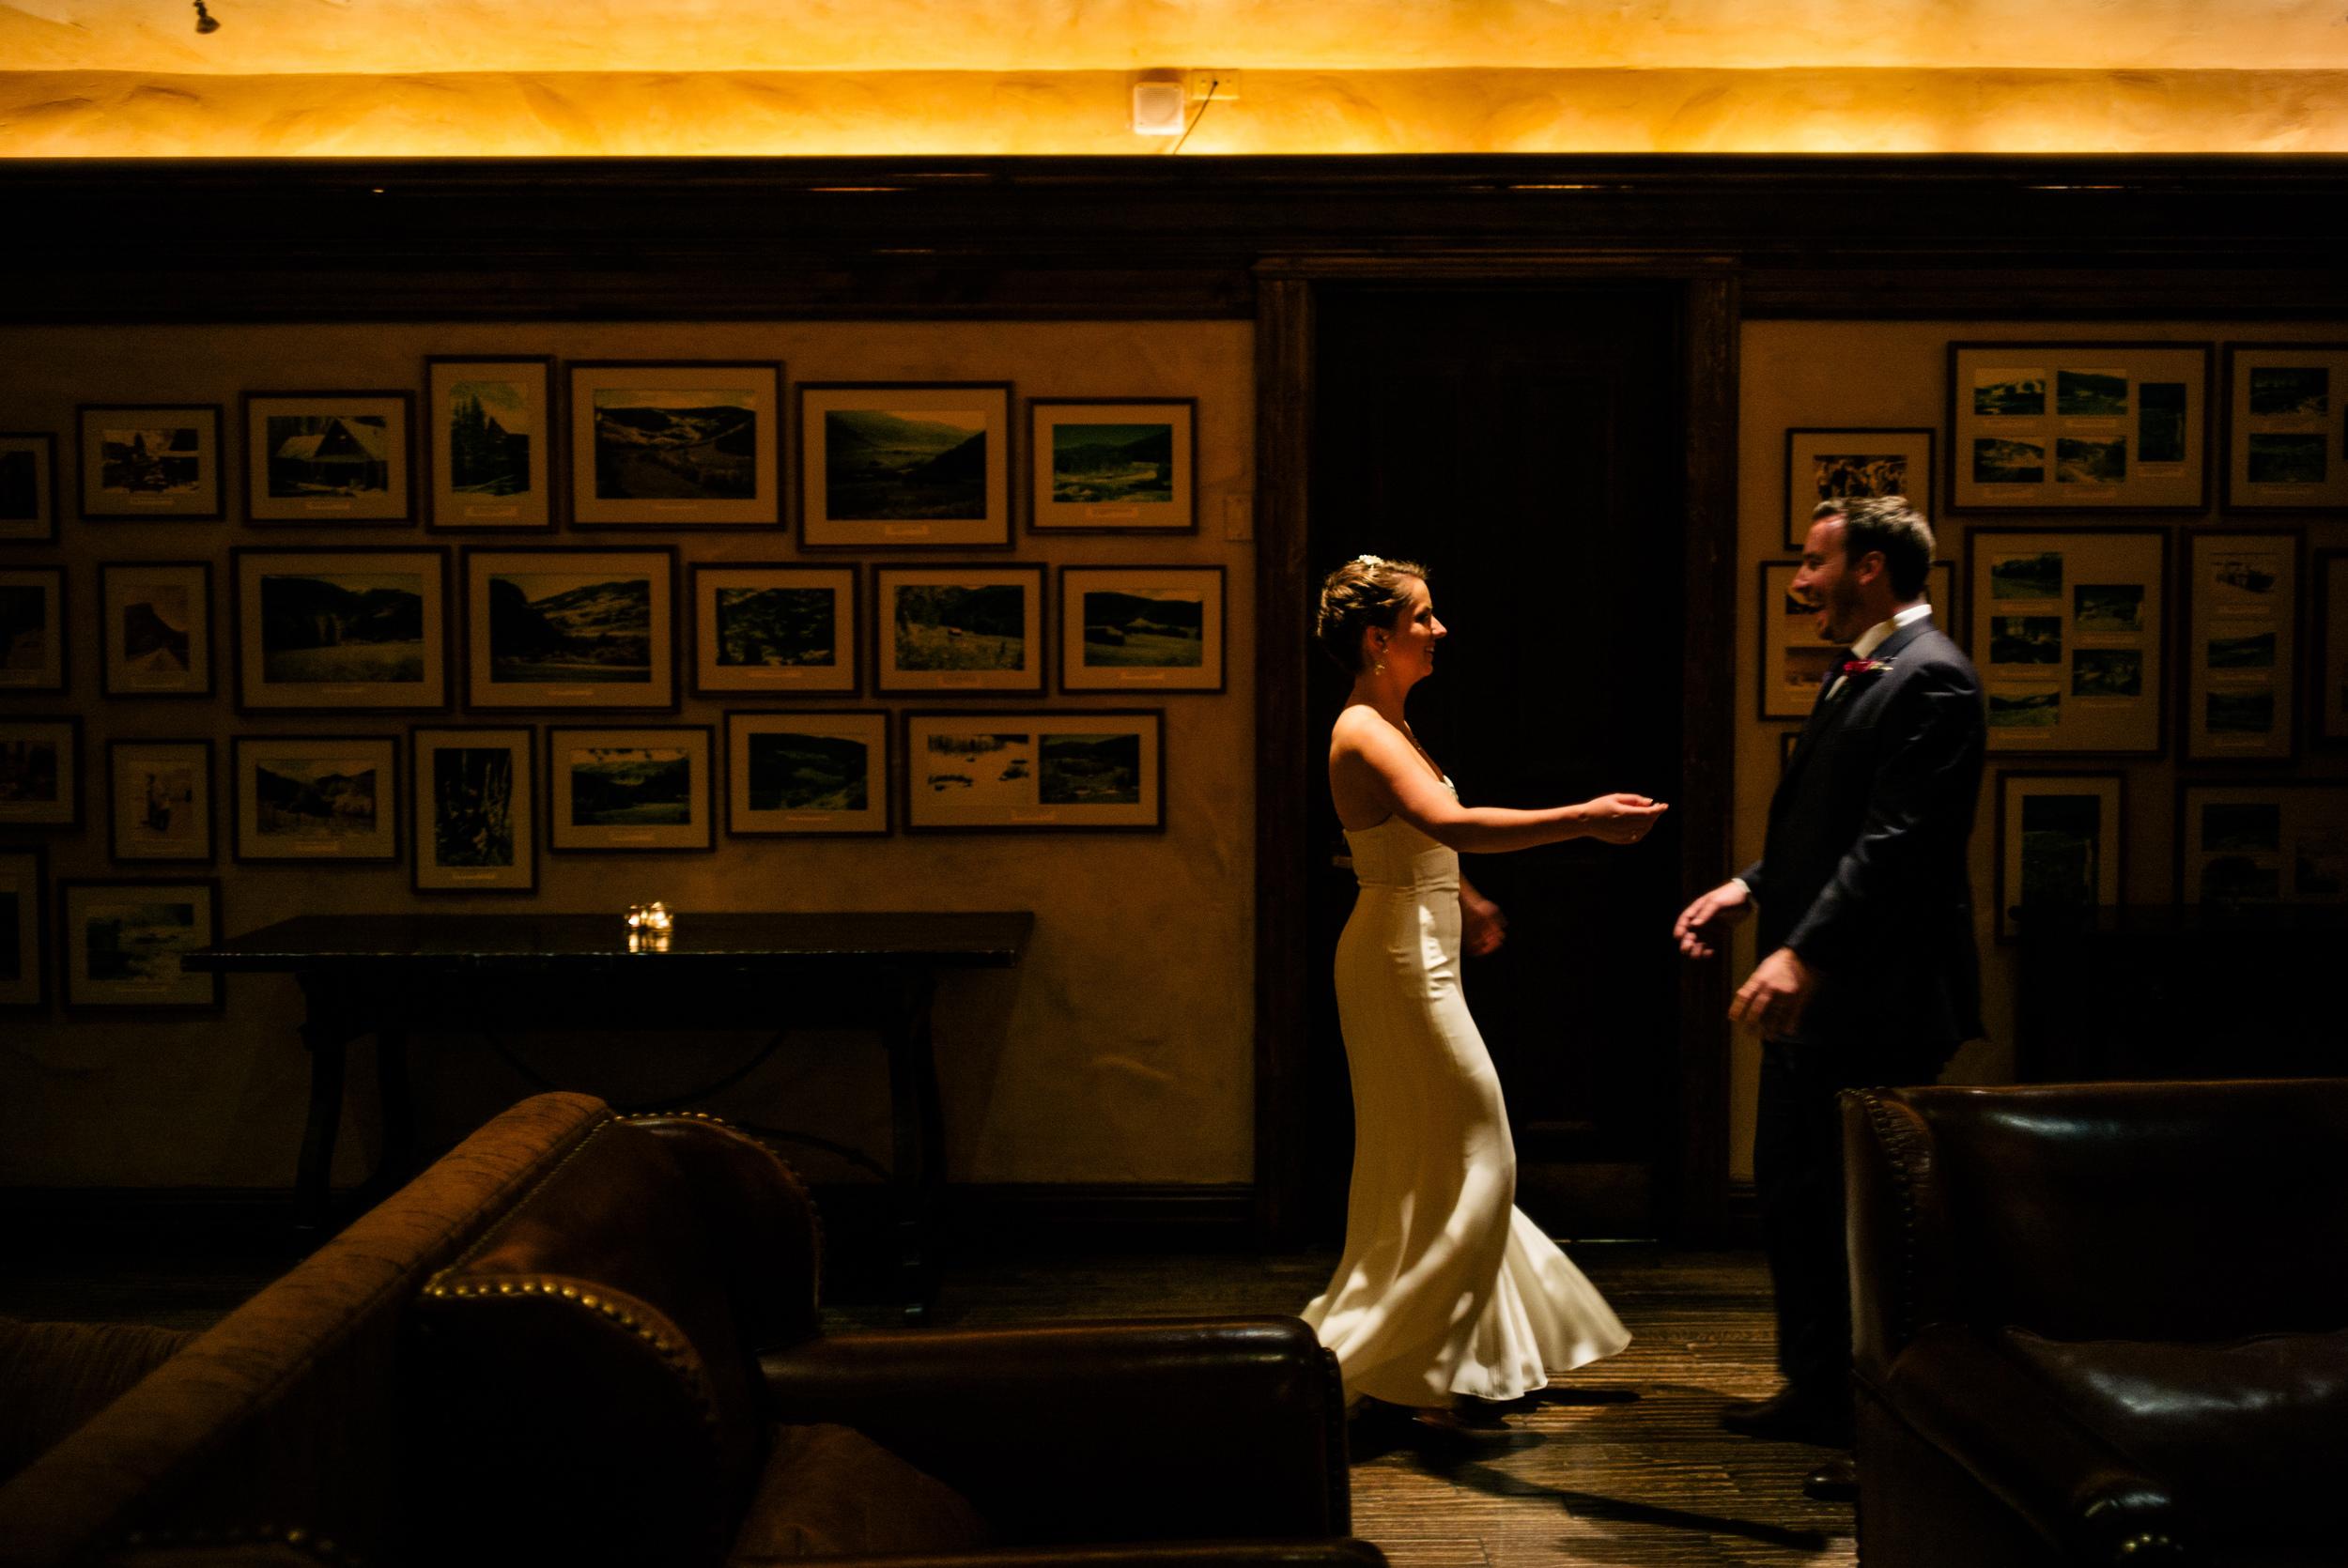 Kelly + Josh   Fall wedding at the Park Hyatt Beaver Creek   Dress by Rivini from Little White Dress   Ash Imagery